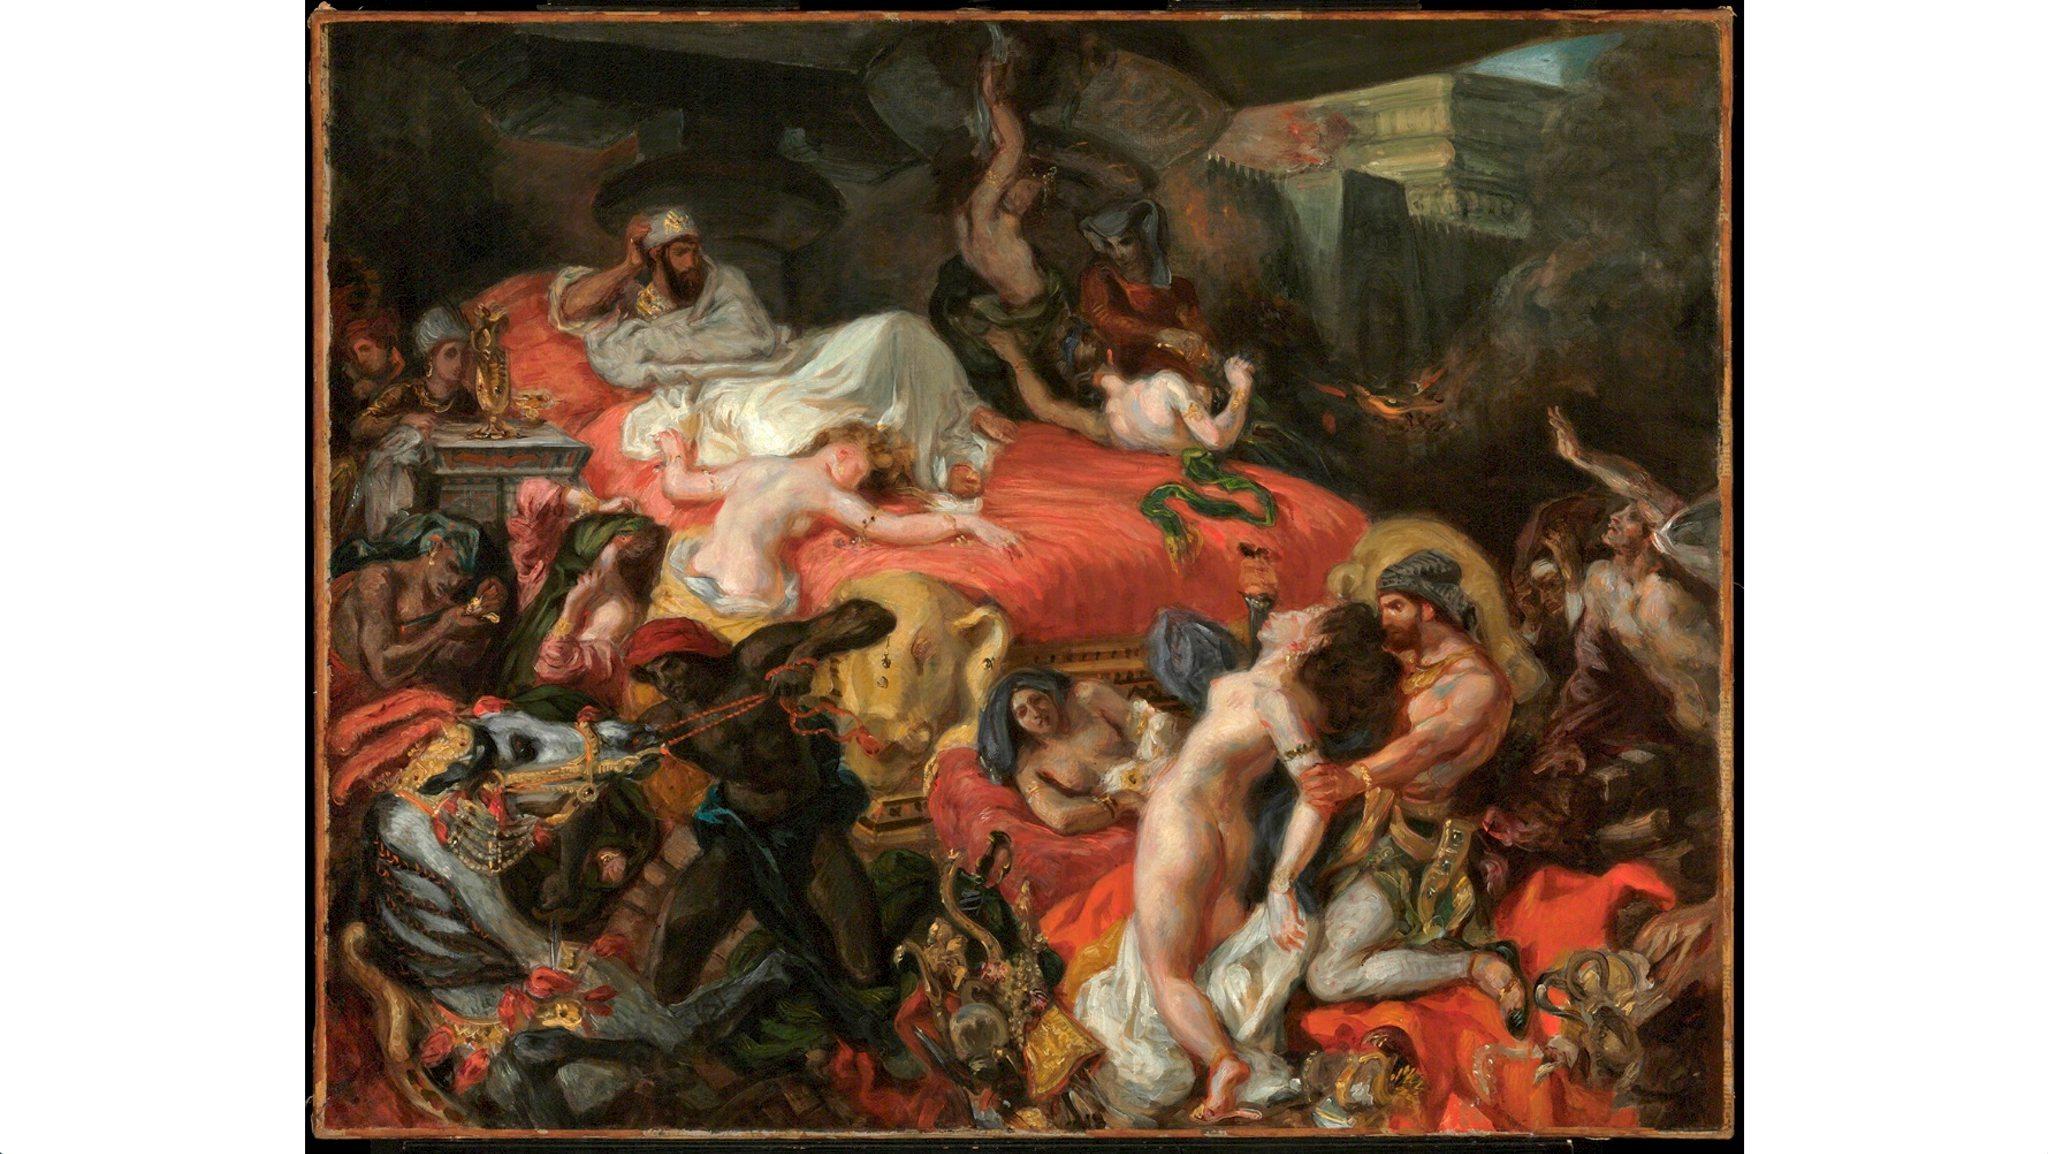 (Eugène Delacroix: 'The Death of Sardanapalus (reduced replica)', 1846. © Philadelphia Museum of Art, Pennsylvania)